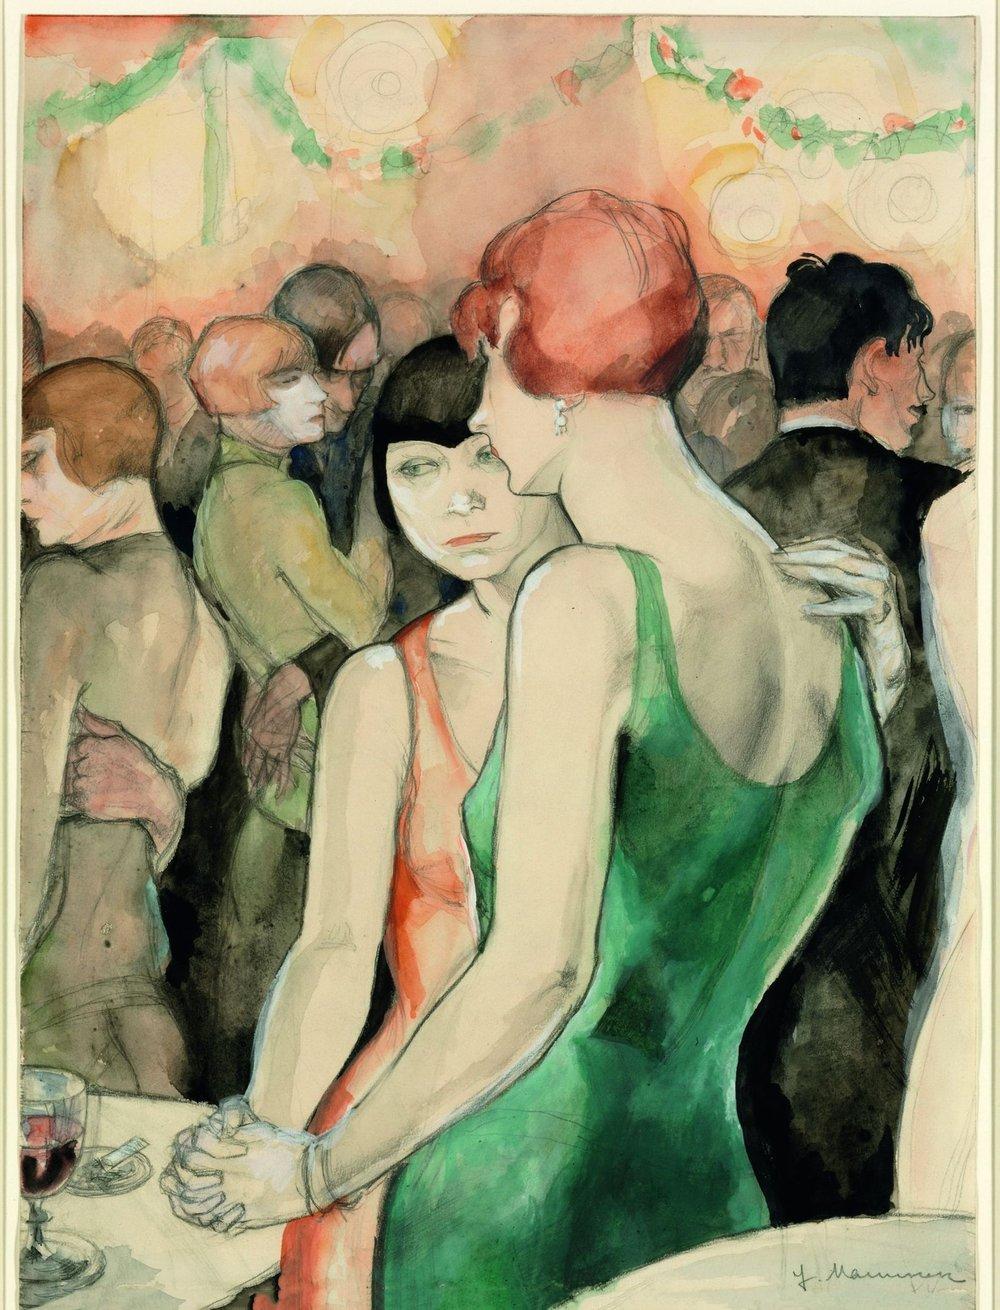 Jeanne Mammen. Two Women, Dancing, 1928